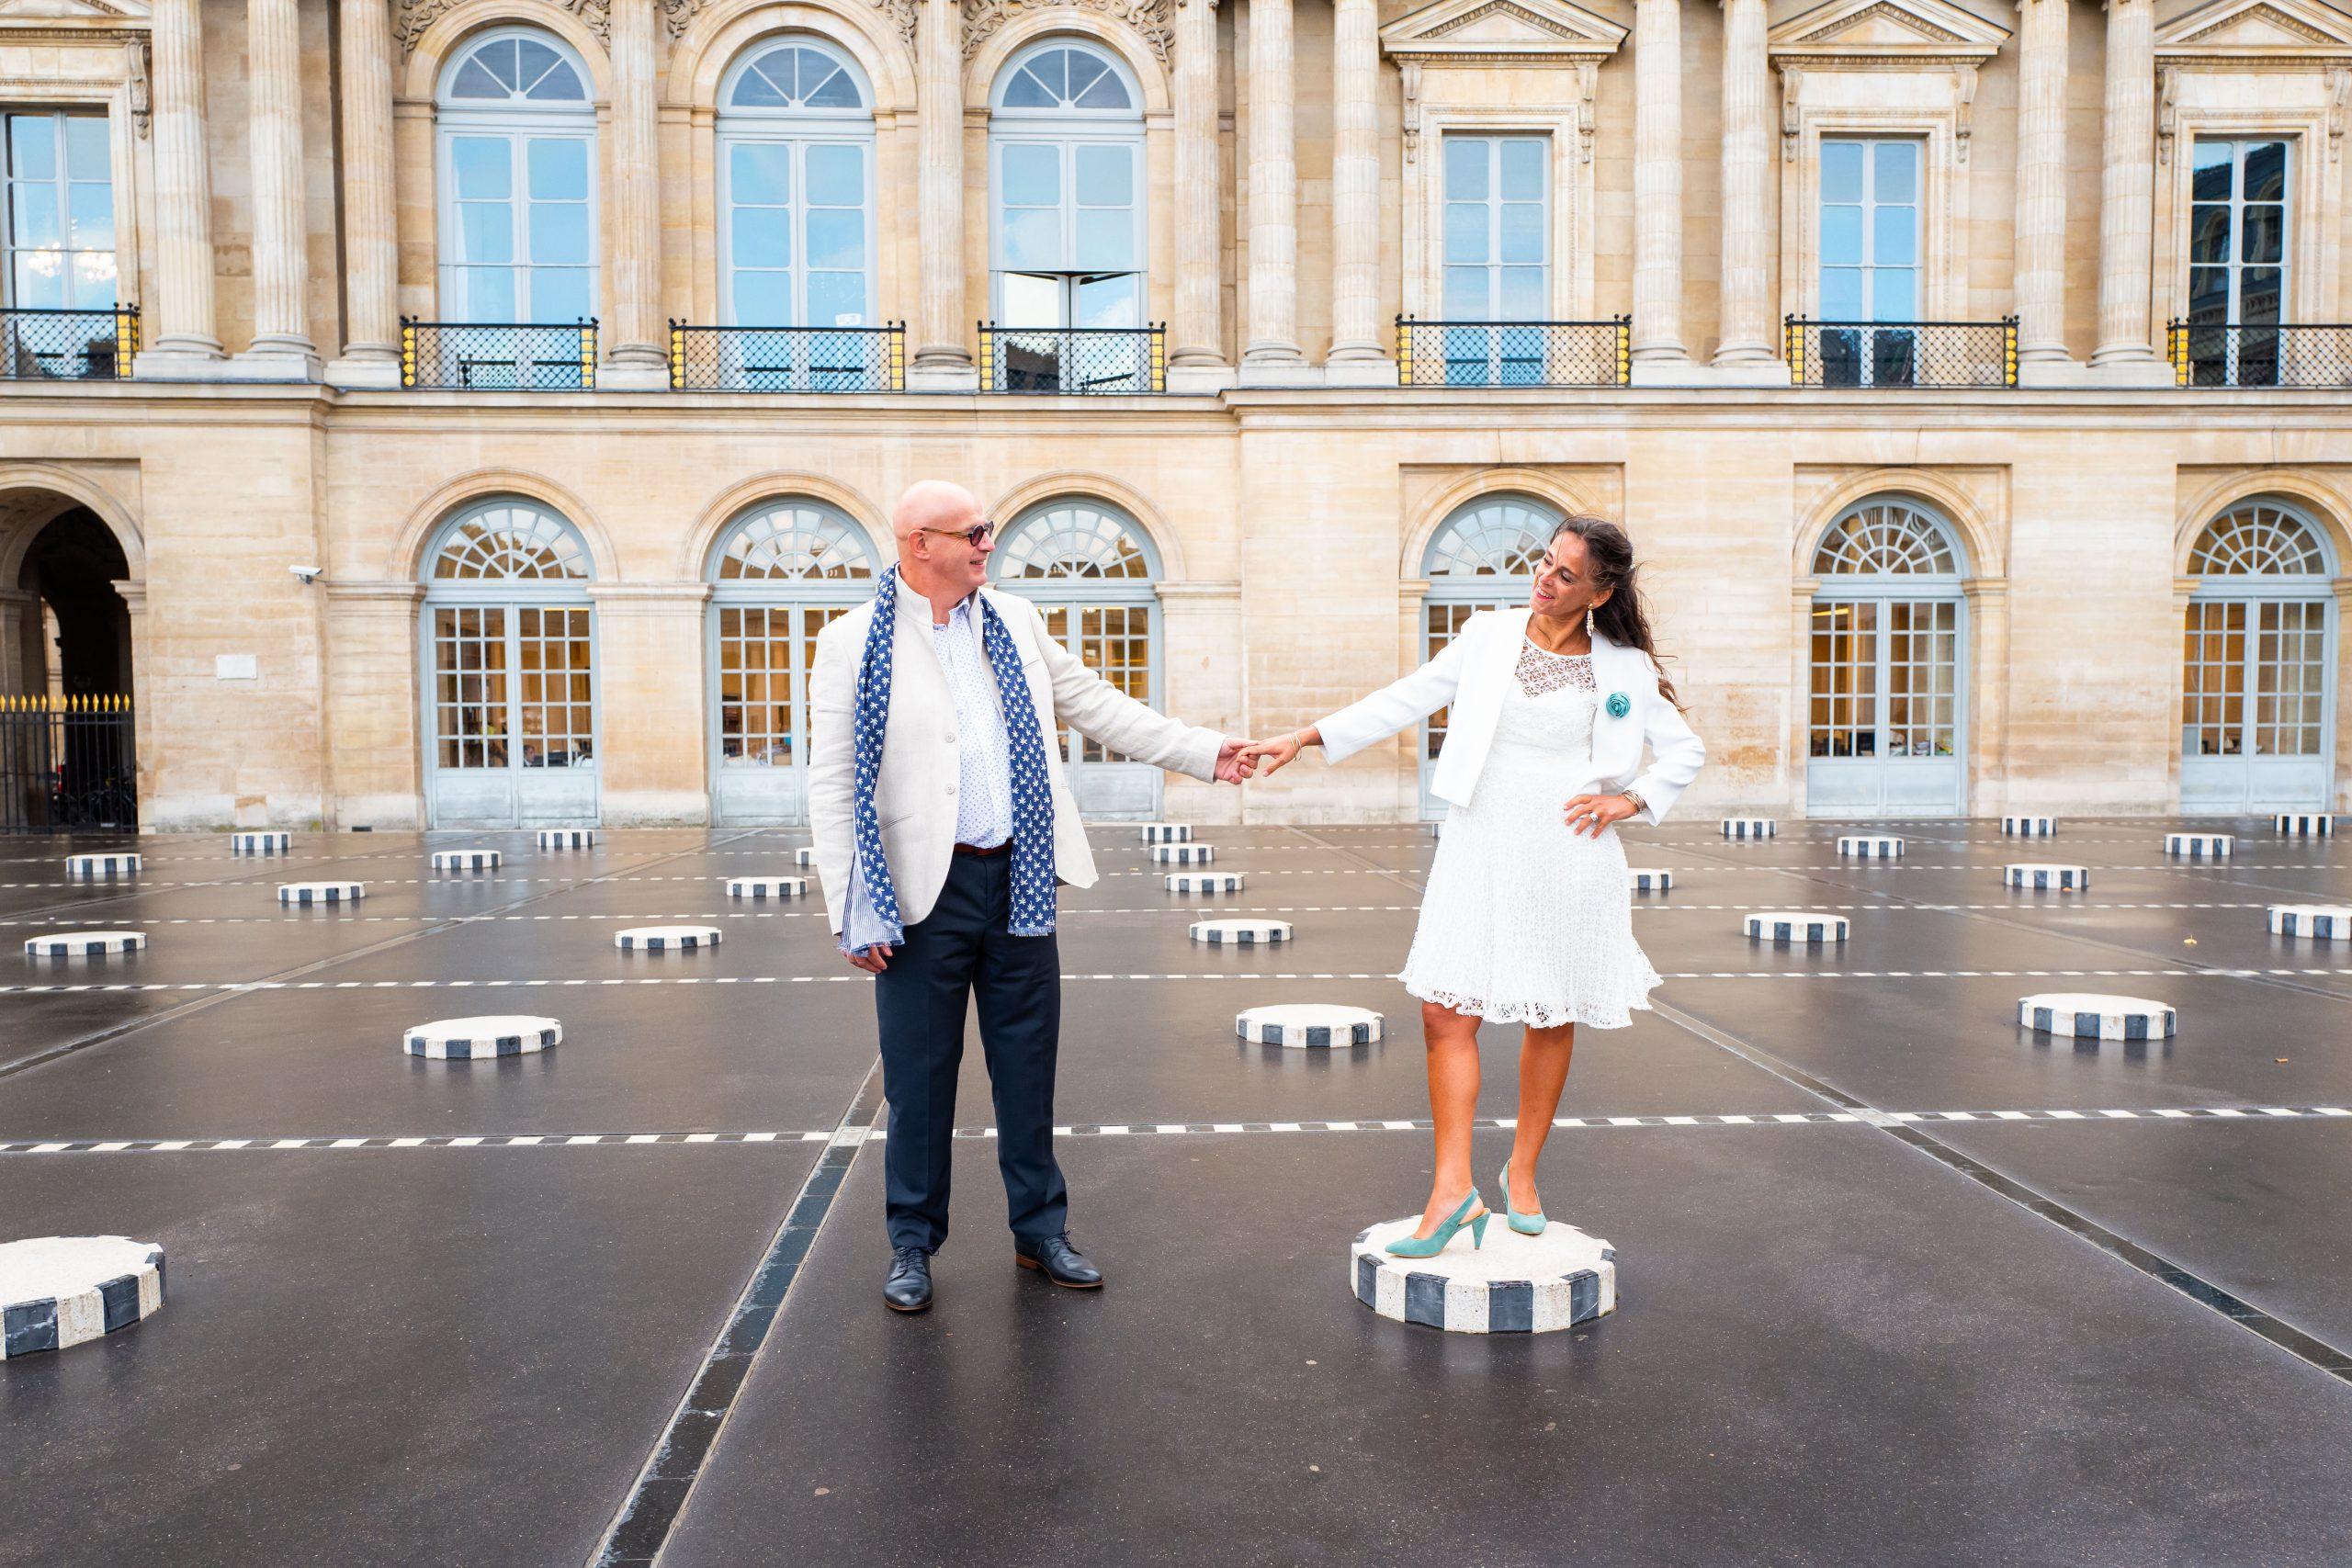 Mariage Paris - Photographe mariage Ile de France original - photographe couple Palais Royal - Paris